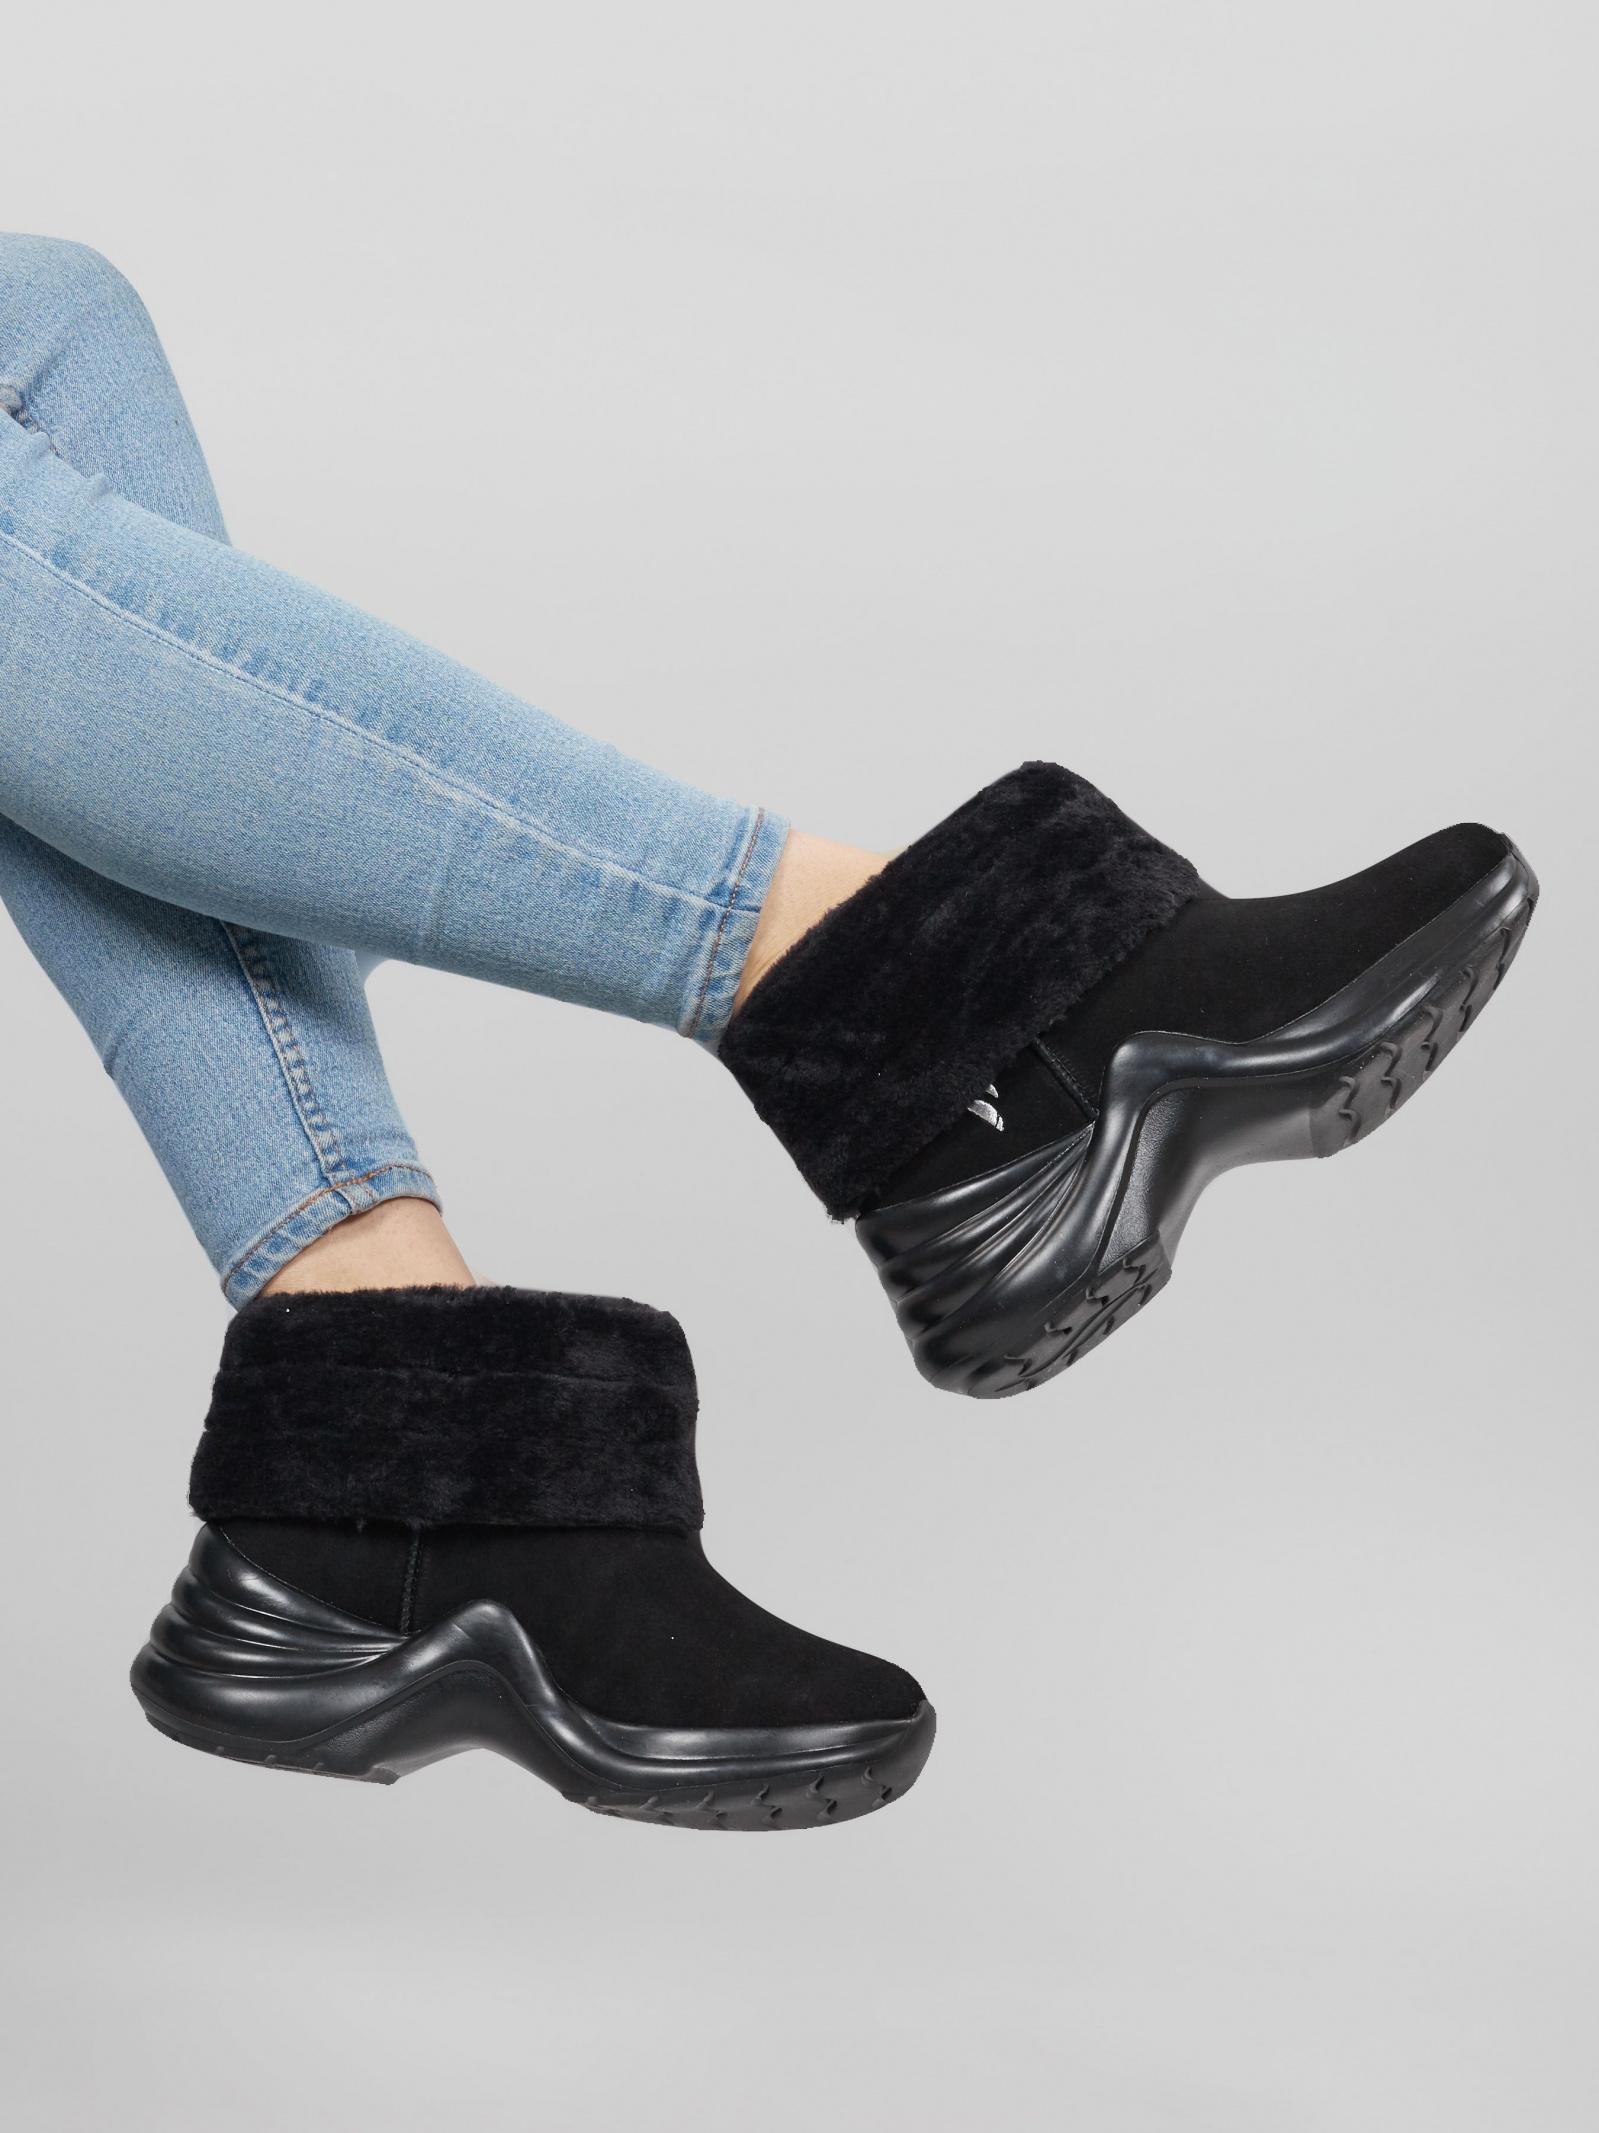 Ботинки женские Skechers KW5243 размеры обуви, 2017